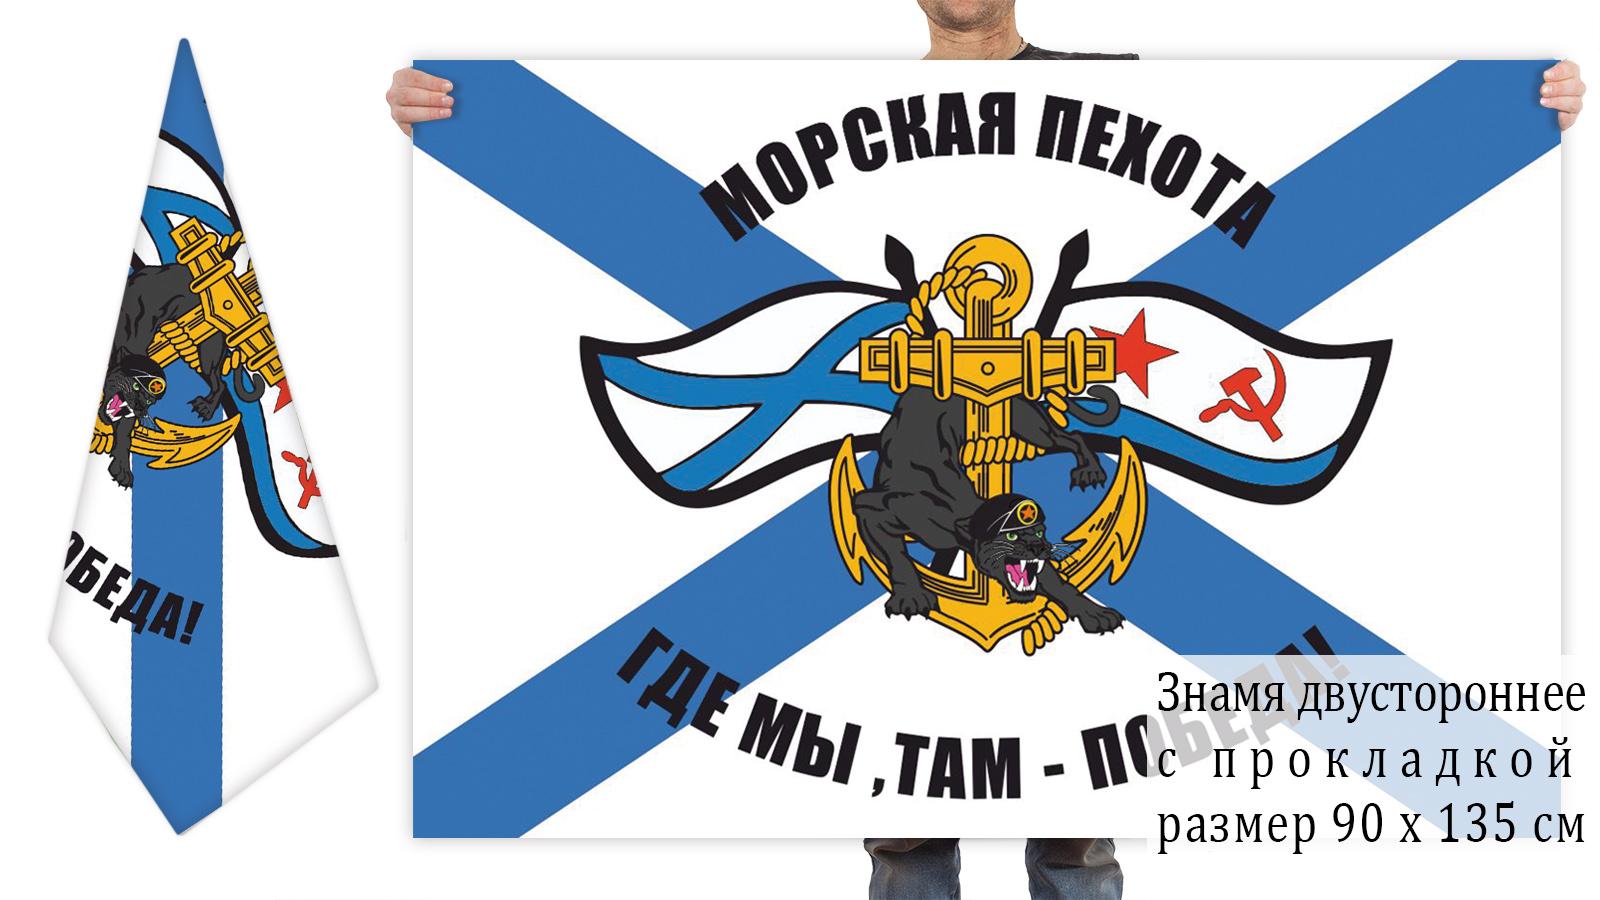 Двусторонний флаг российских морпехов